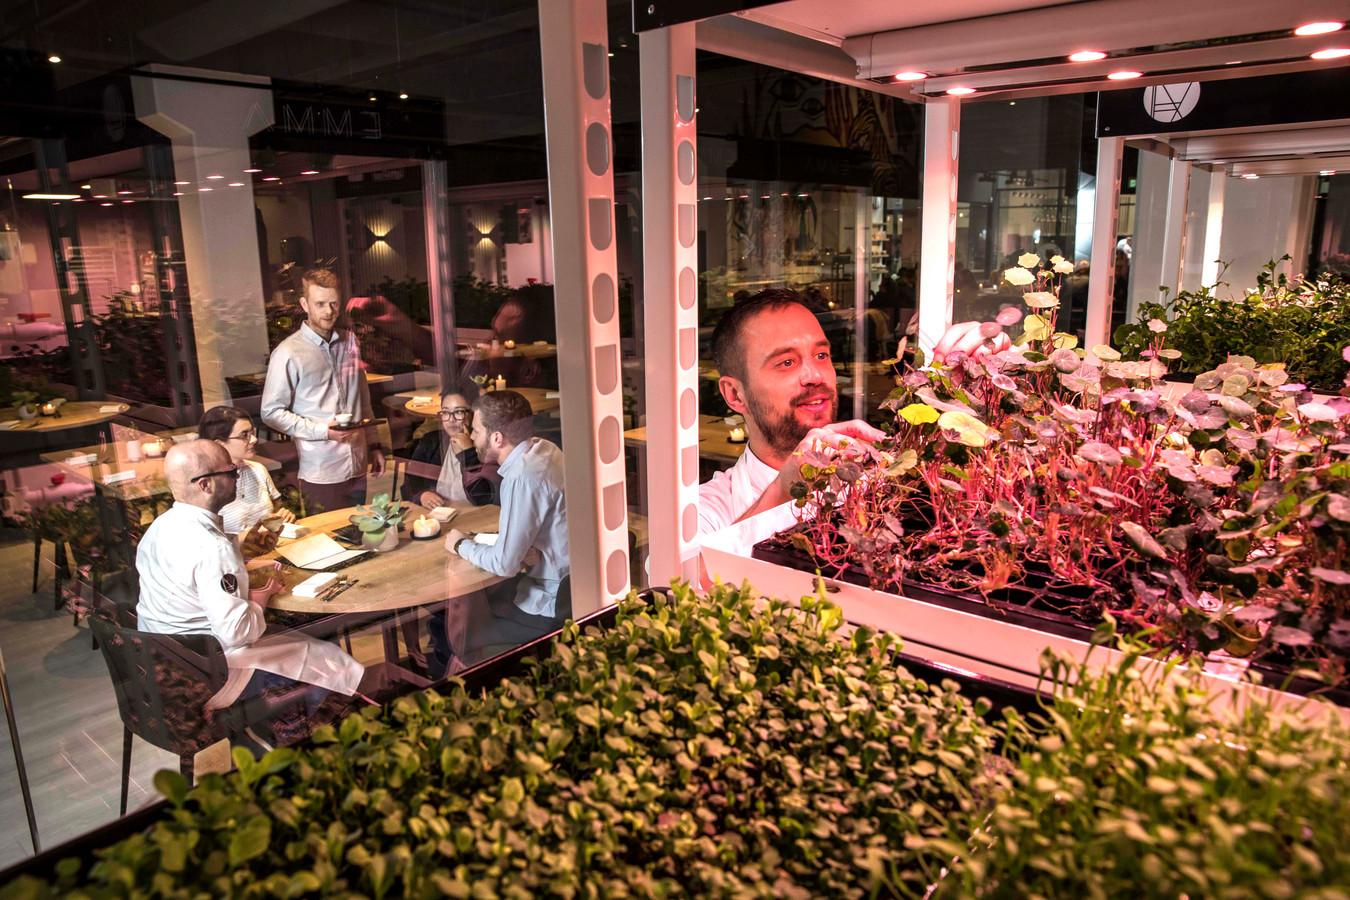 Restaurant Emma te Eindhoven met verrijdbare trolleys waarin groente en kruiden worden geteeld.